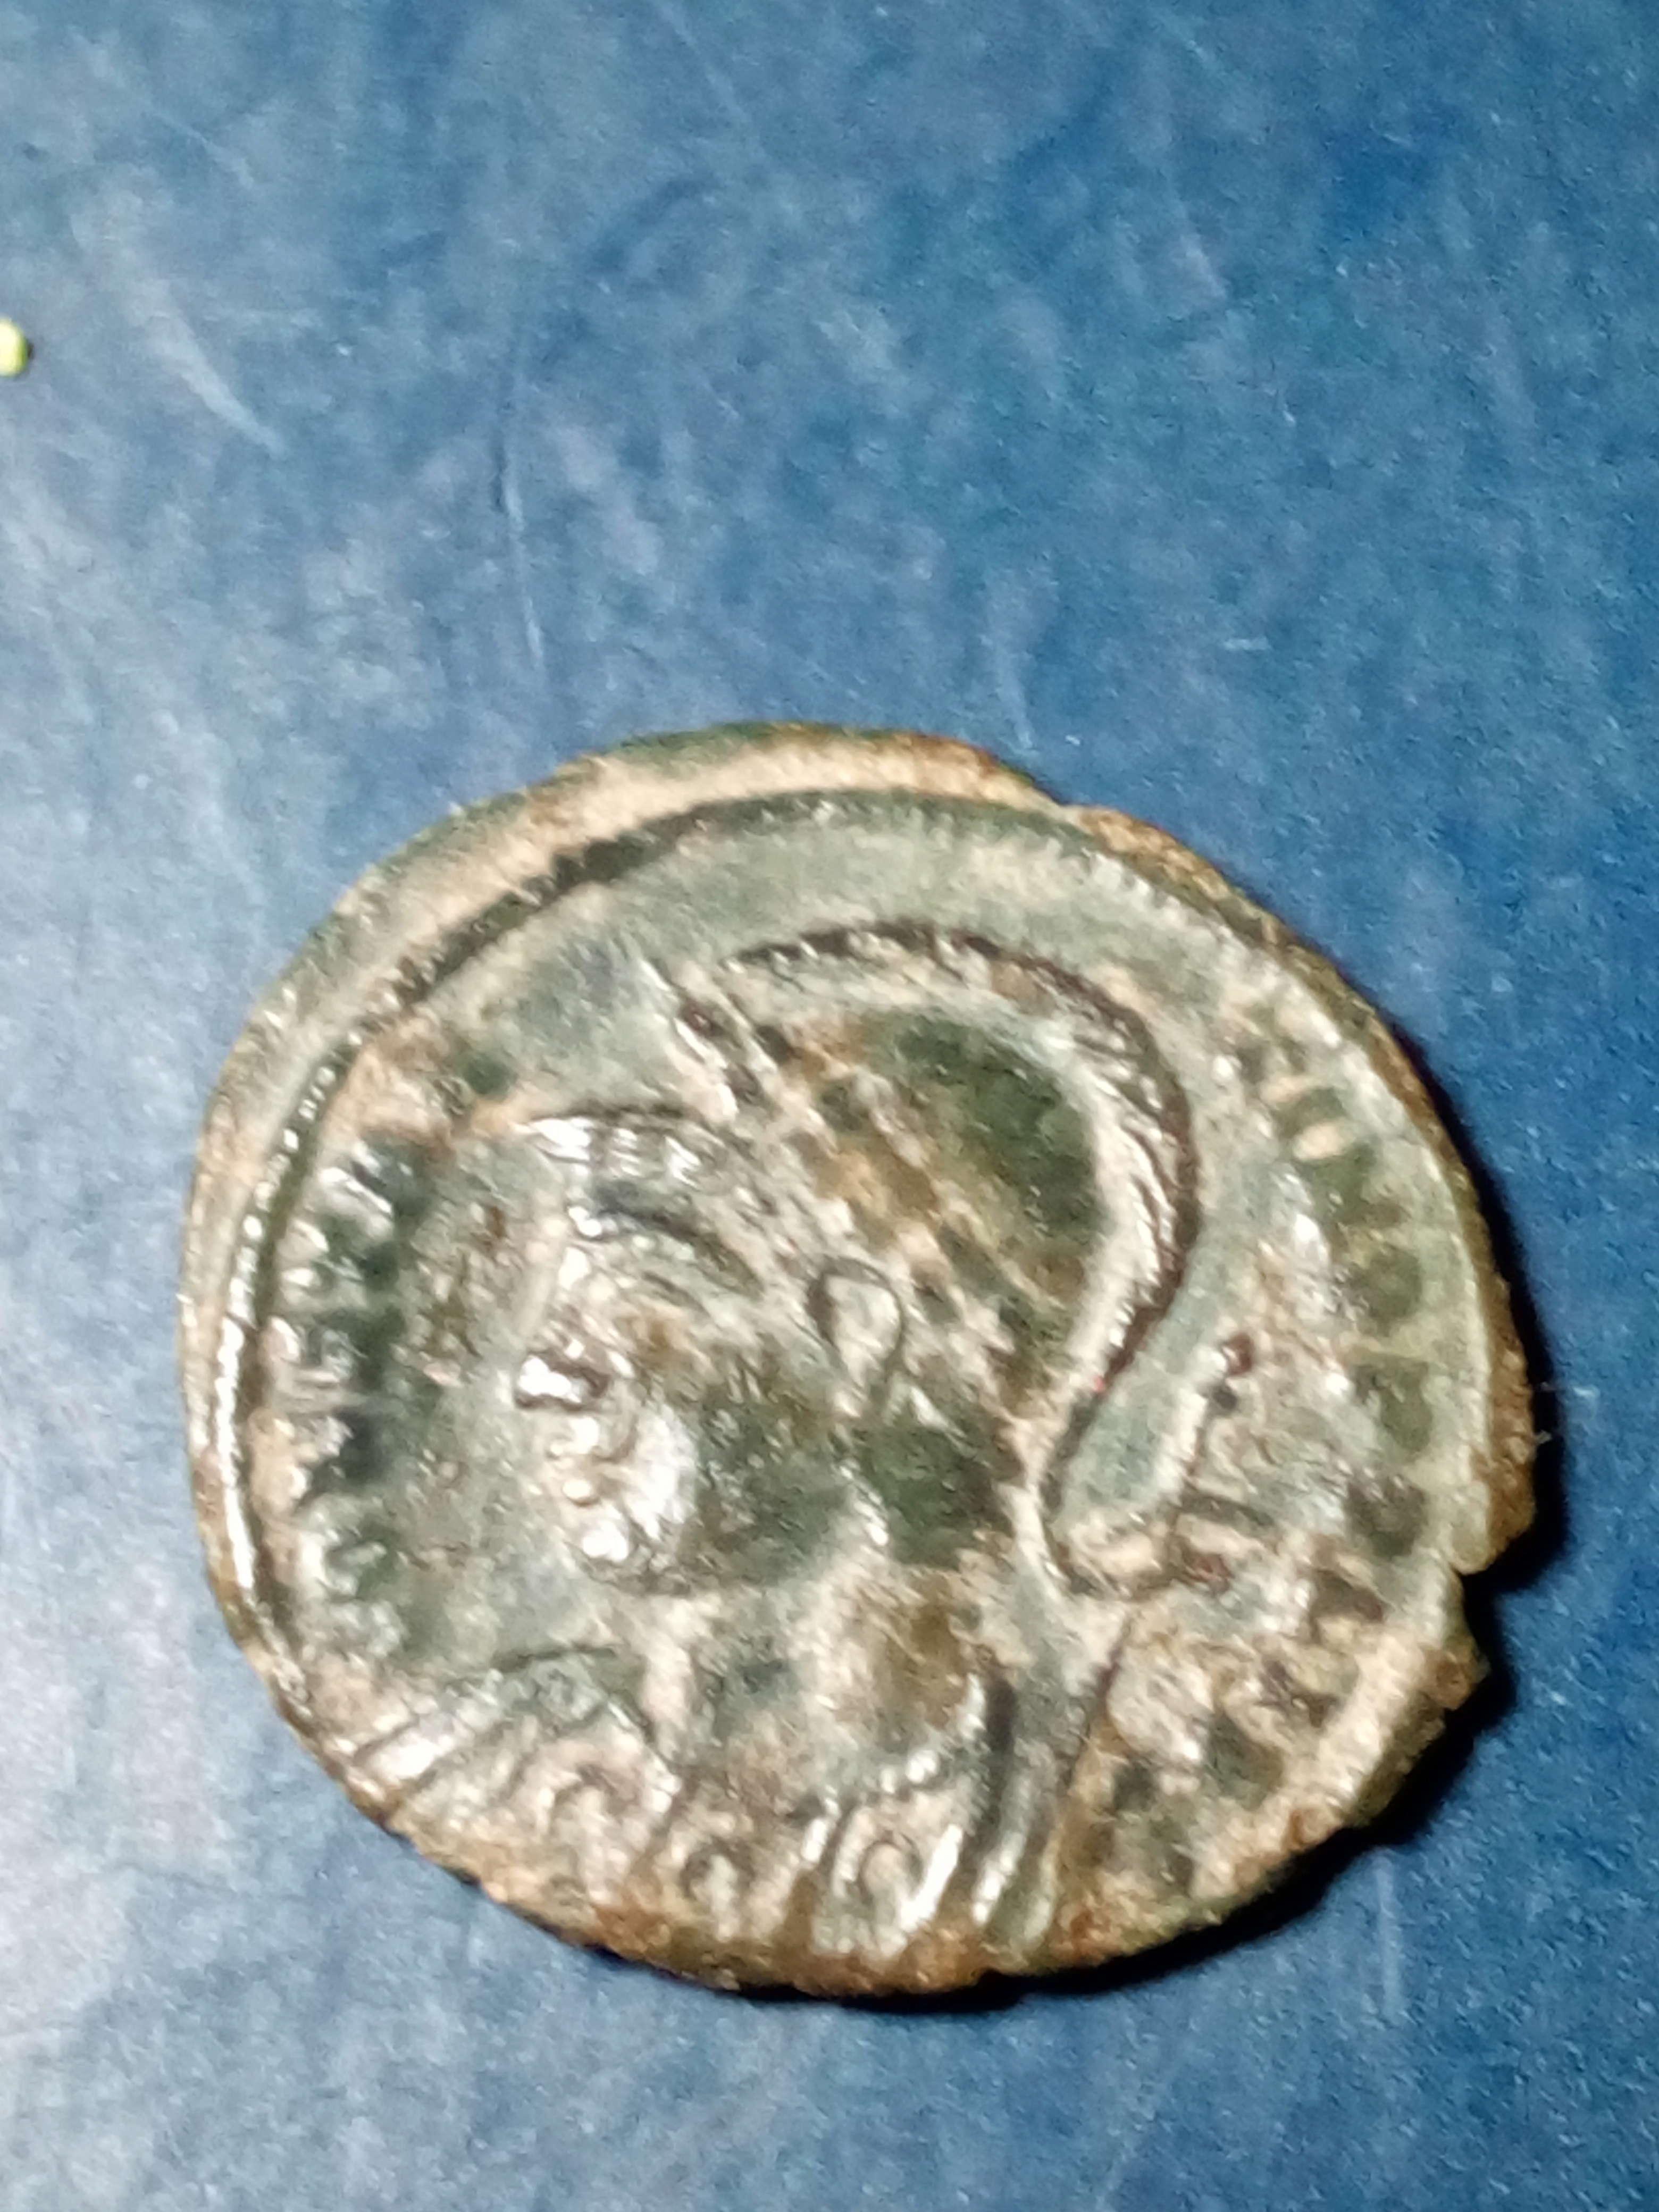 AE3 conmemorativa de Constantinopolis. Victoria estante a izq. sobre proa. Arlés Img_2275